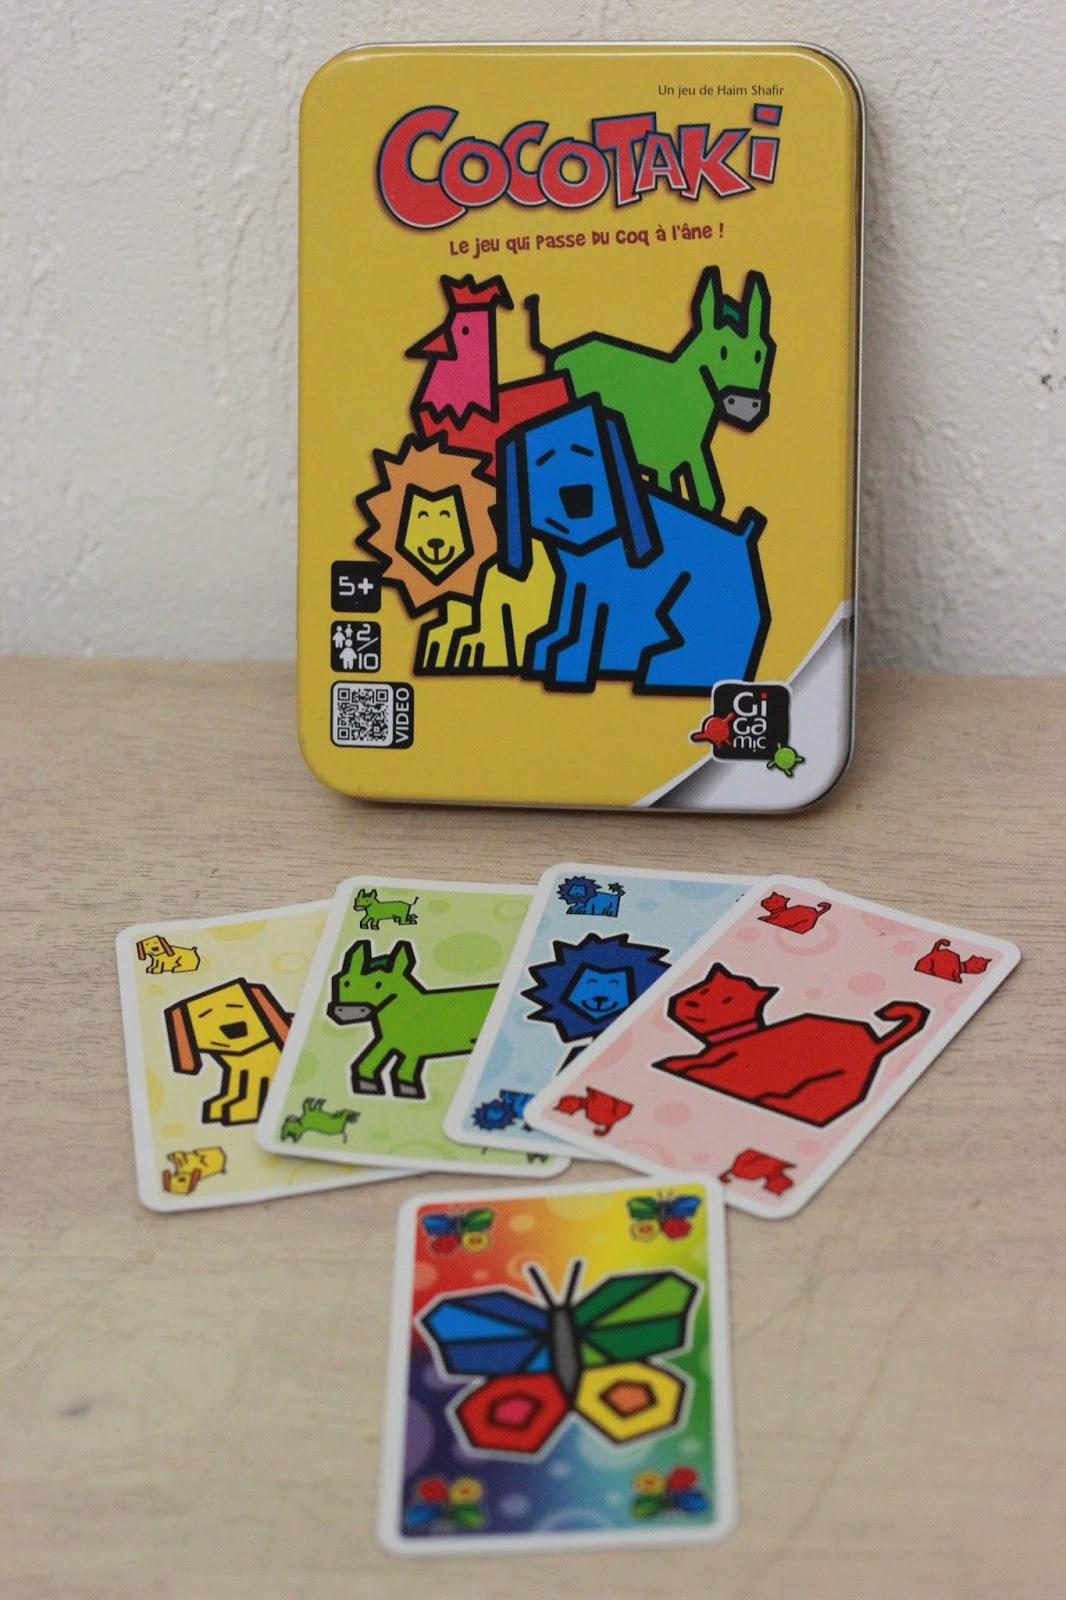 Des Jeux De Cartes Pour Les Plus Petits, Une Sélection Dès dedans Jeux Pour Les Petit De 4 Ans